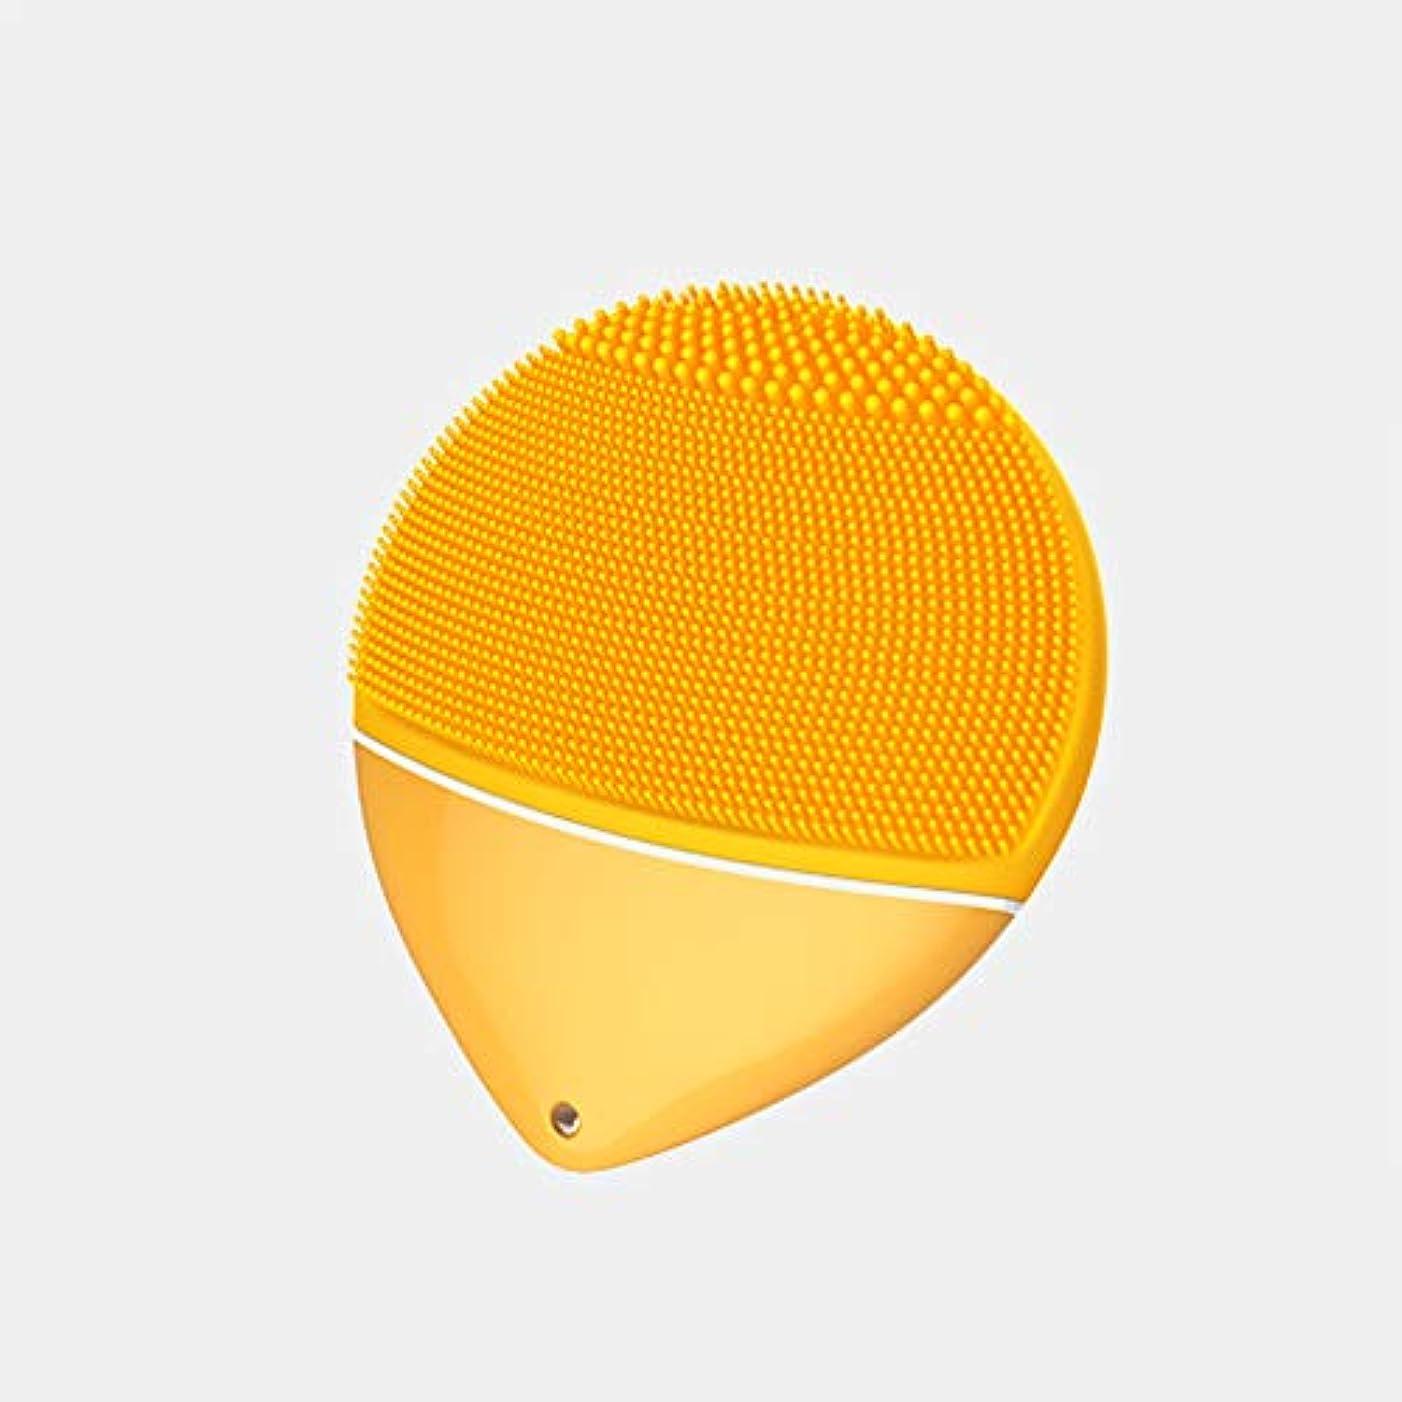 ウイルス要件単なるタイマーを備えた葉顔クレンジングブラシと顔マッサージ器、再充電可能な防水フェイシャル浄化システム、あらゆる皮膚タイプのための柔らかいシリコーンでアンチエイジングスキンケアフェイスクレンザー